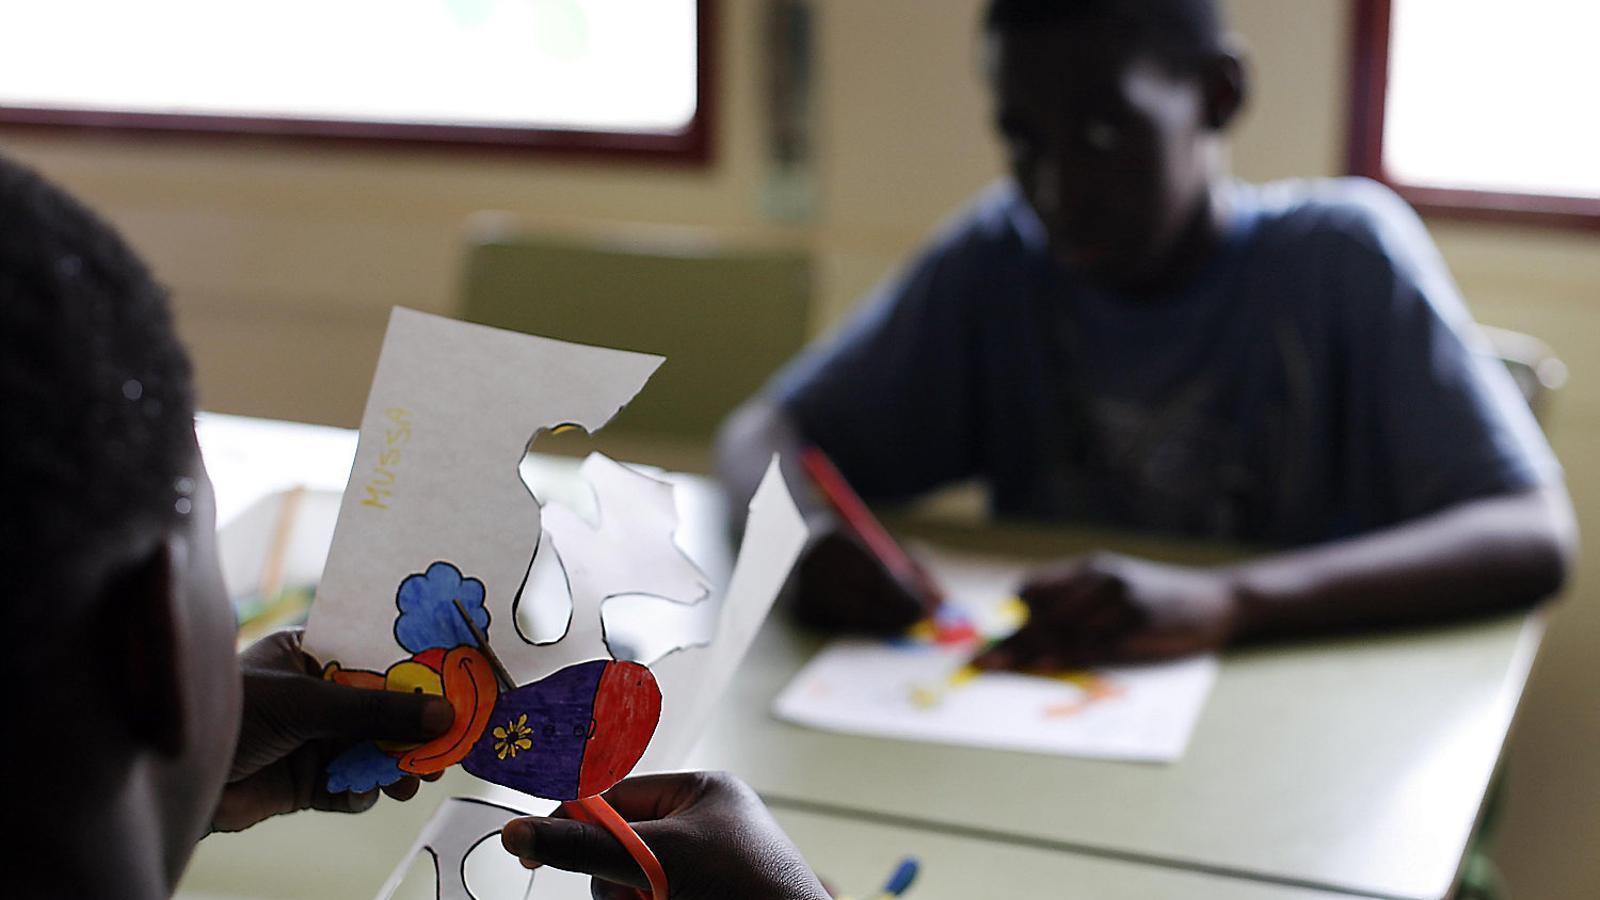 Una alumna retalla una figura per a una activitat a l'aula, en una imatge d'arxiu.